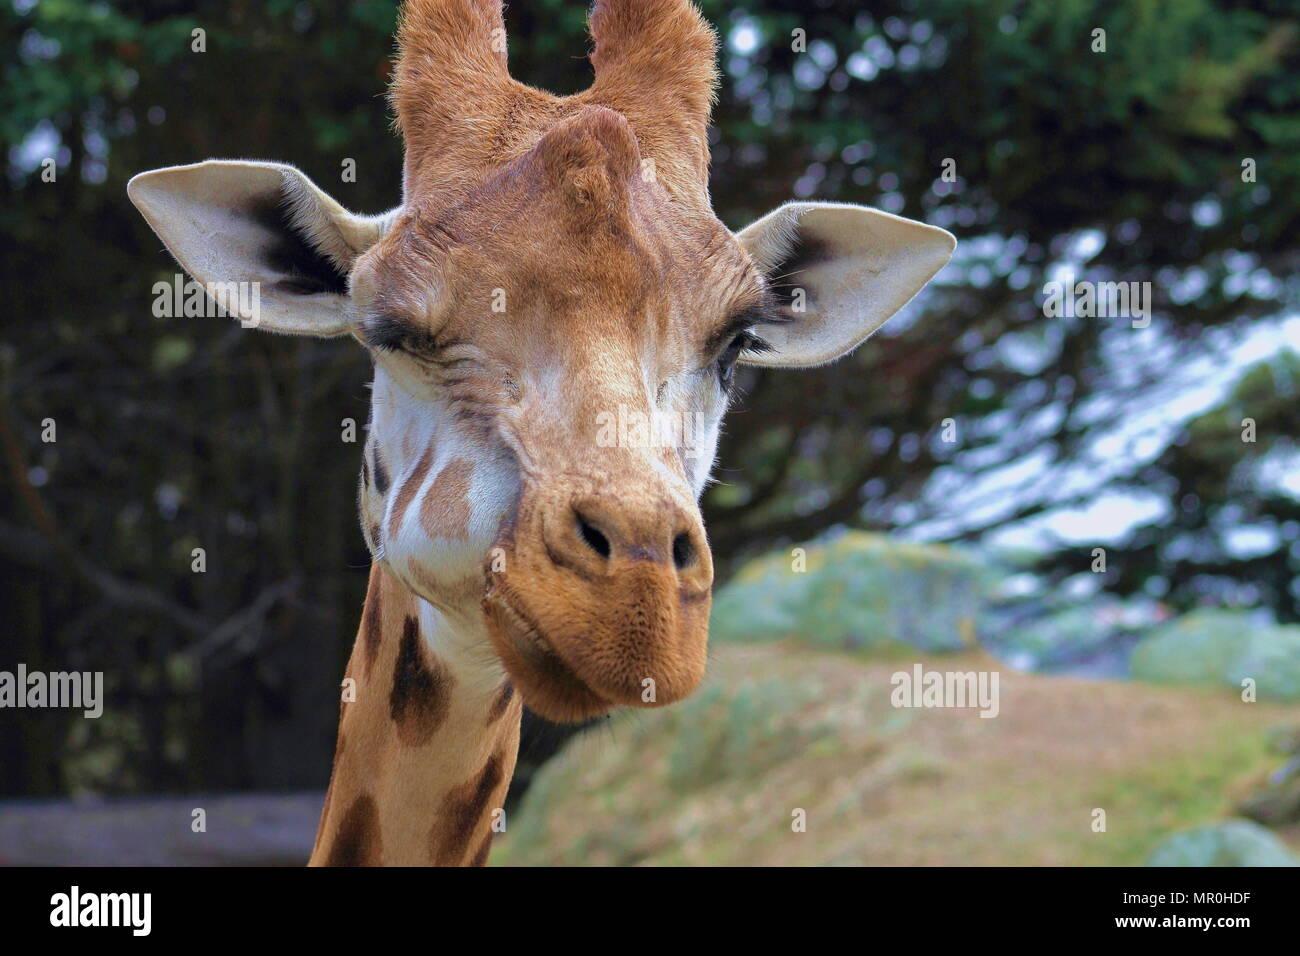 Cerca de una jirafa (Giraffa camelopardalis) guiño Imagen De Stock